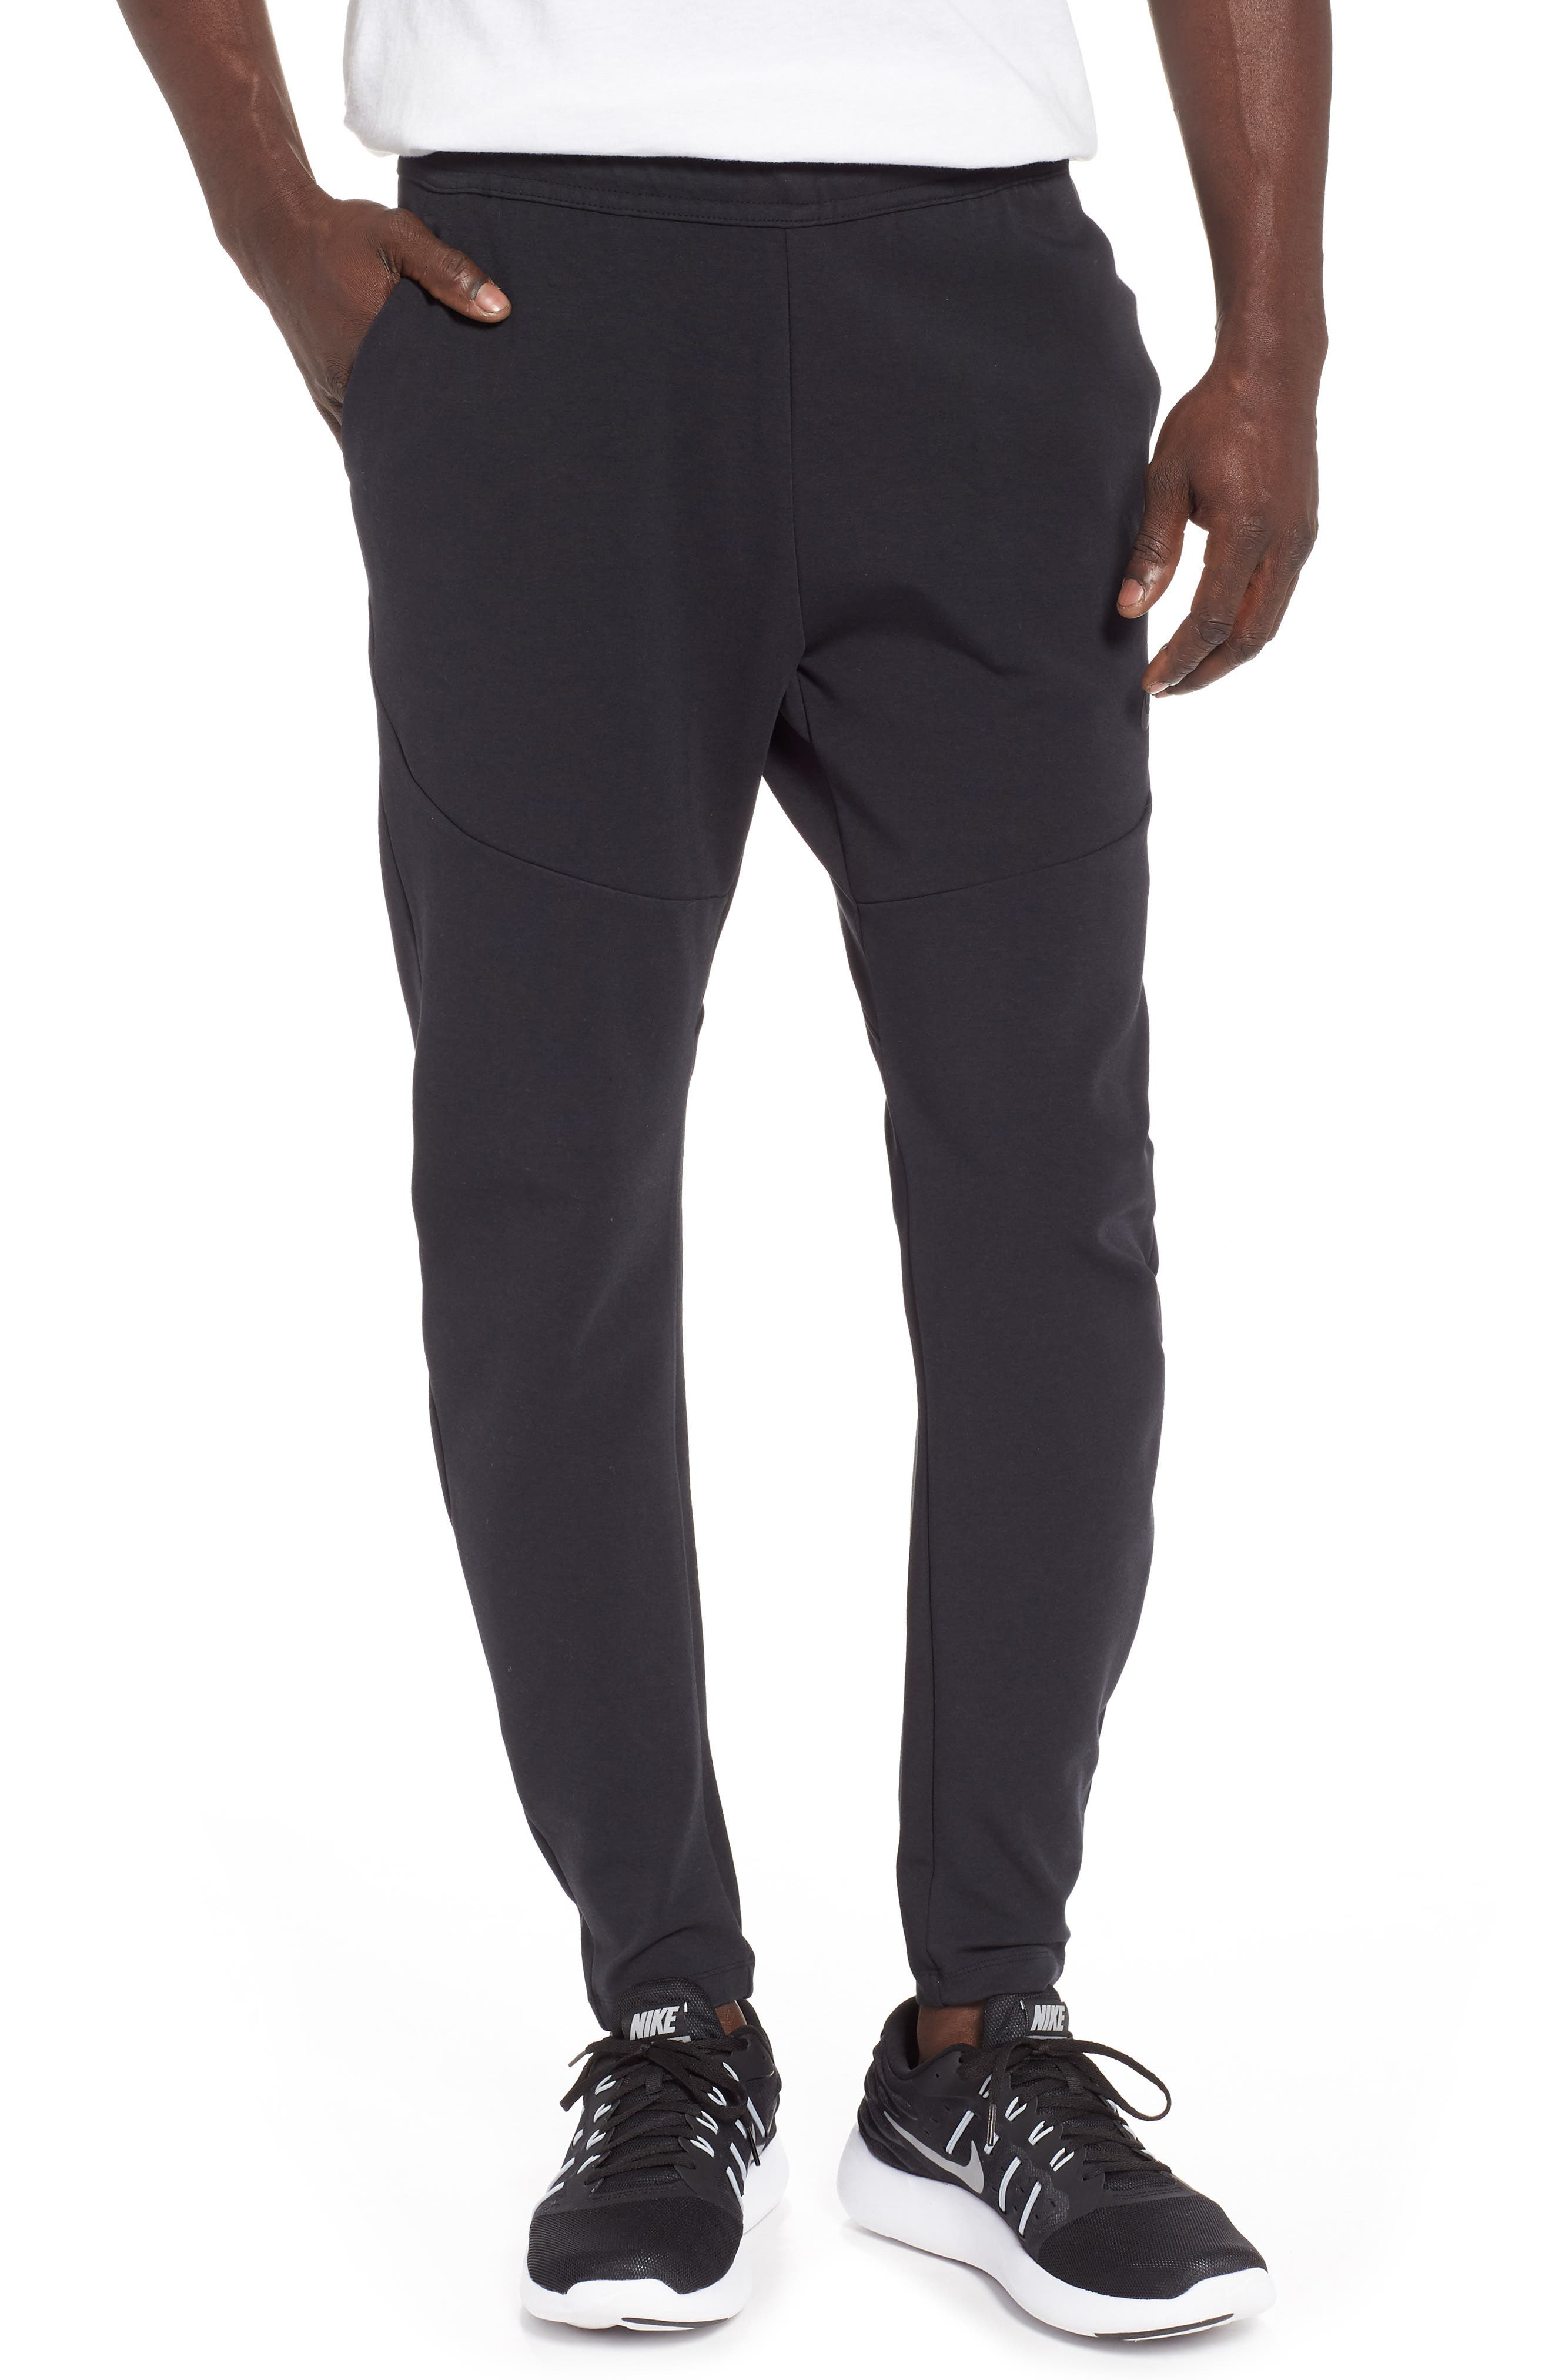 NIKE, Tech Knit Jogger Pants, Main thumbnail 1, color, BLACK/ BLACK